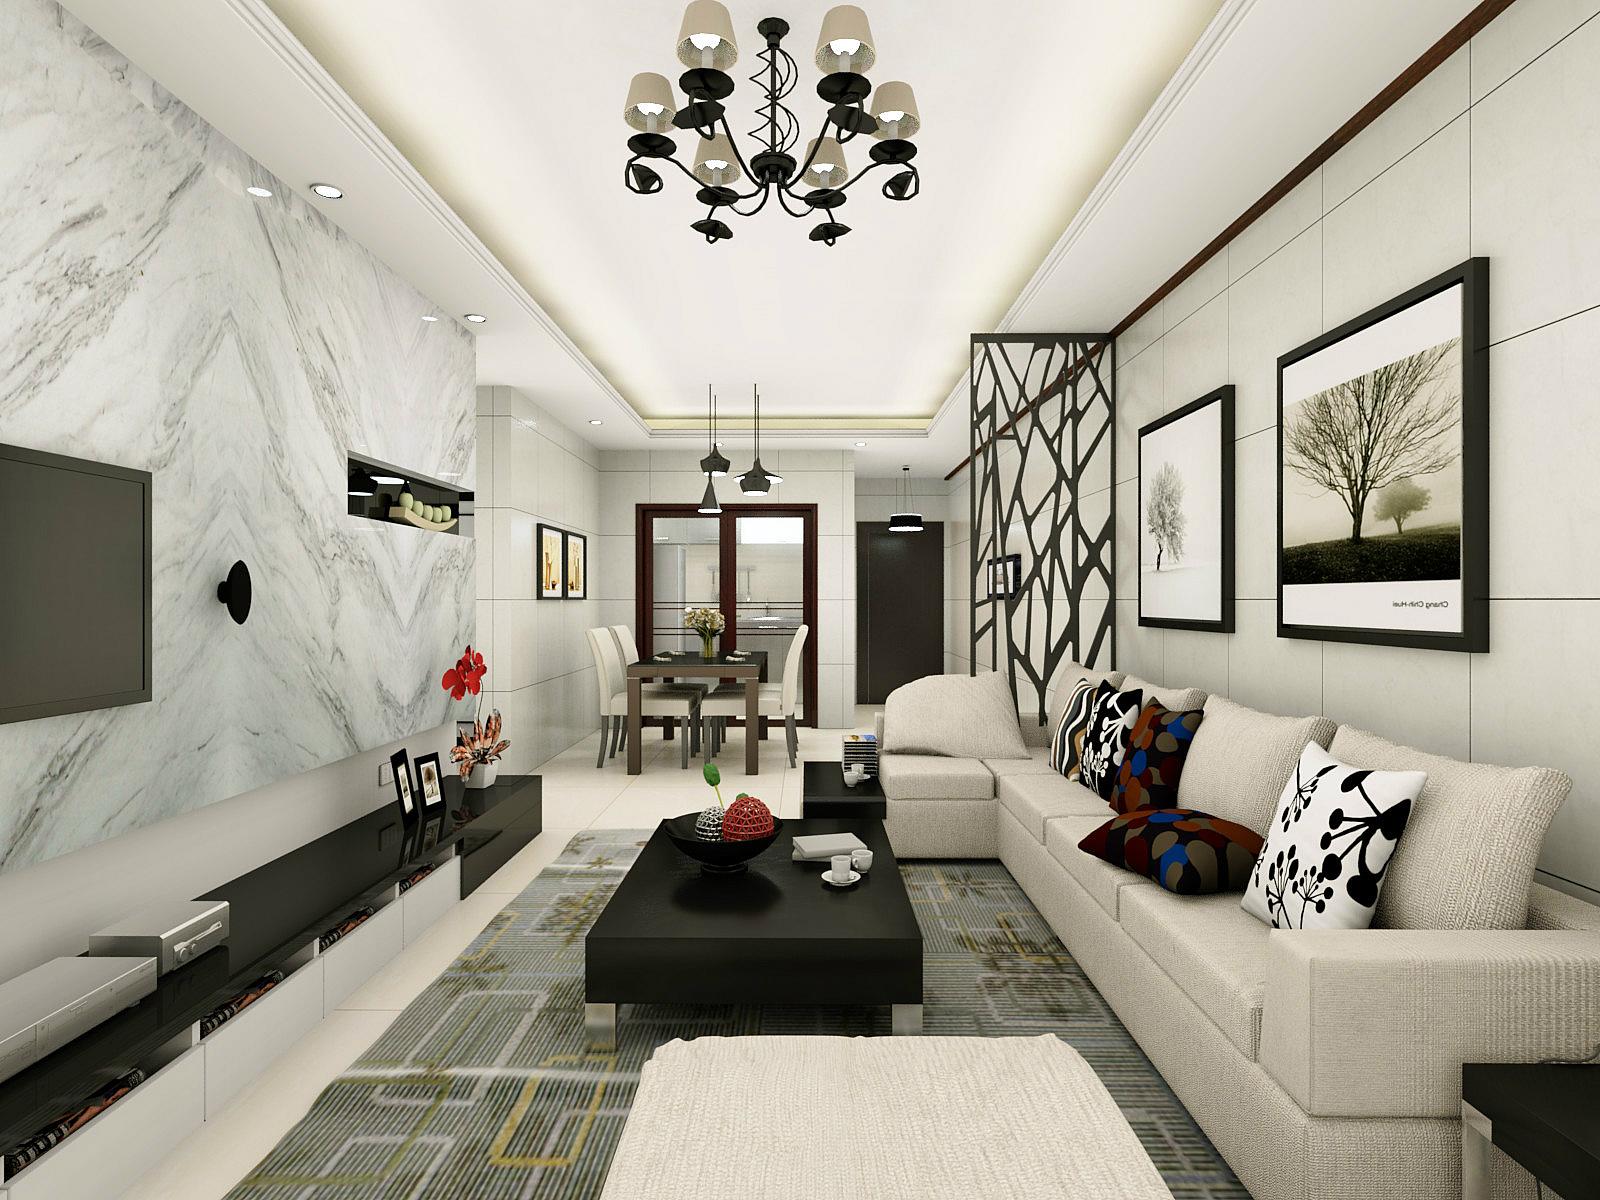 103平米的房子这样装修面积大了1倍,装修只花12万元!-海伦堡·海伦春天装修